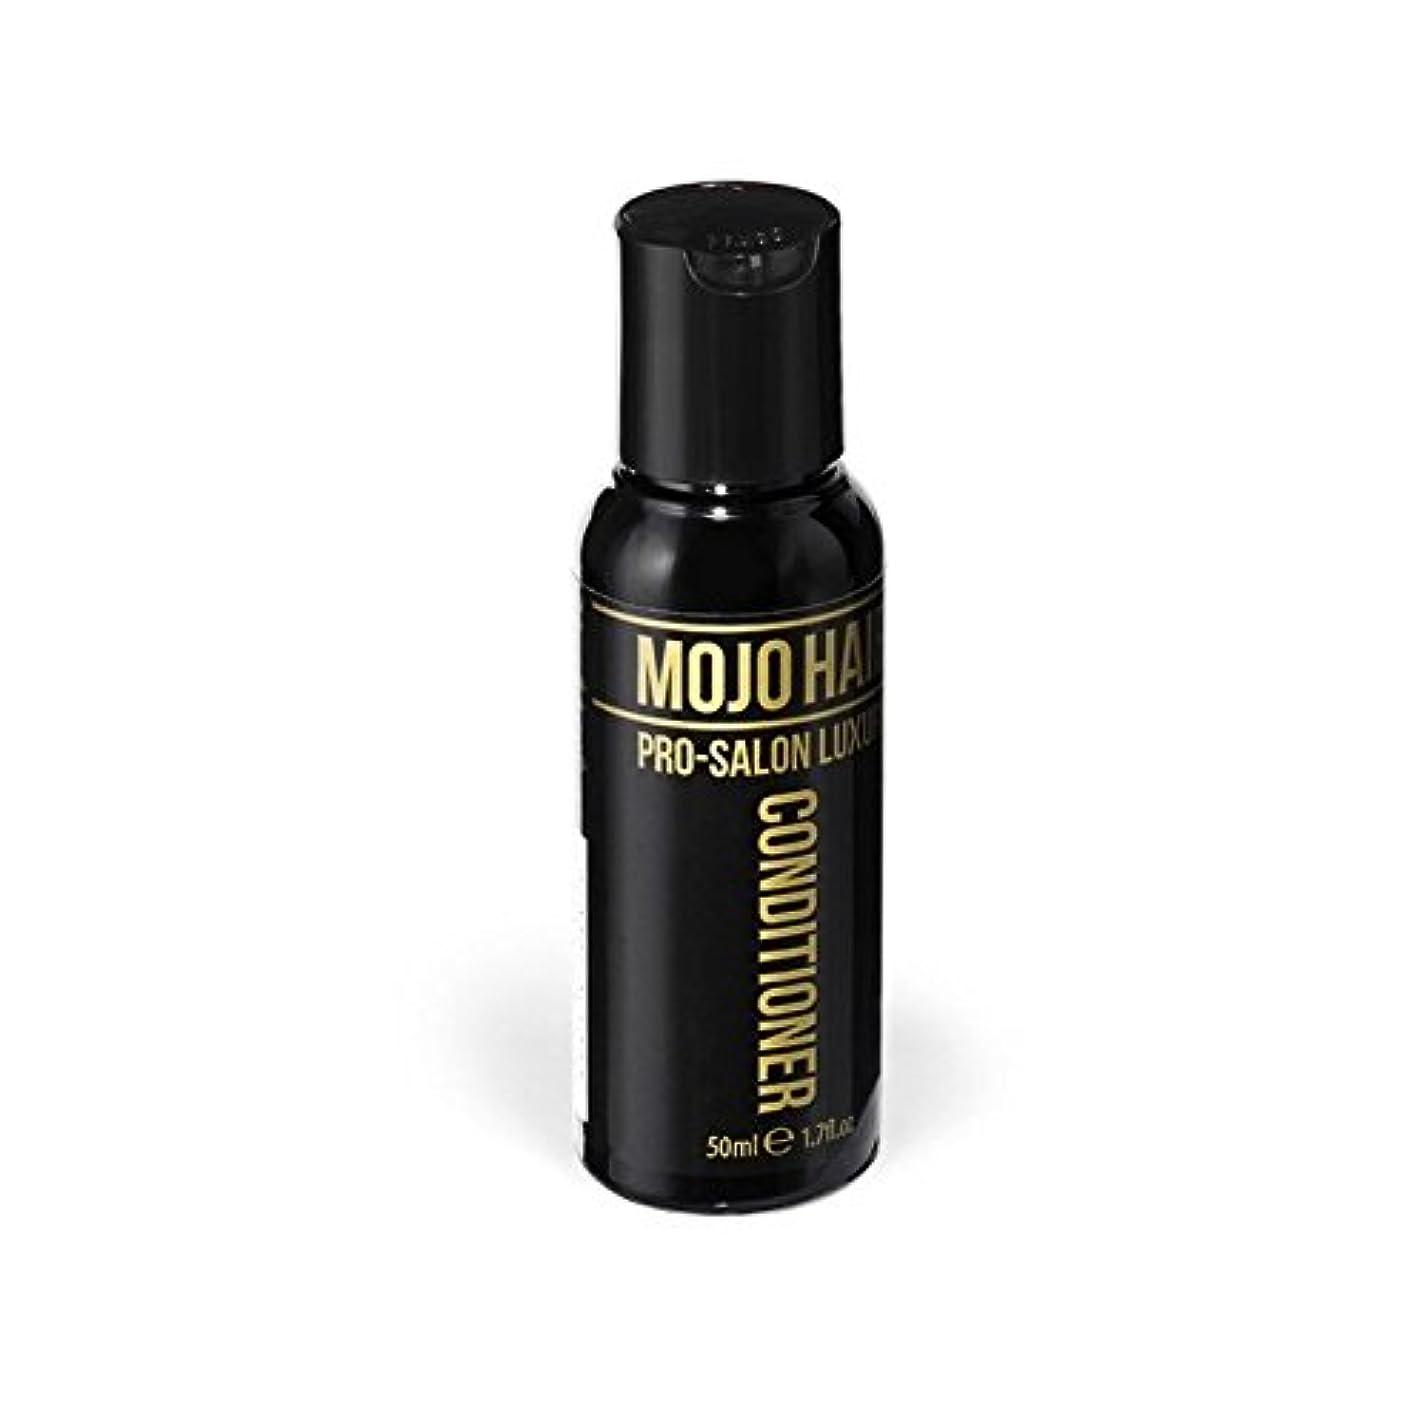 霧テレビを見るヘッドレスモジョの毛プロのサロンの贅沢なコンディショナー(50ミリリットル) x4 - Mojo Hair Pro-Salon Luxury Conditioner (50ml) (Pack of 4) [並行輸入品]